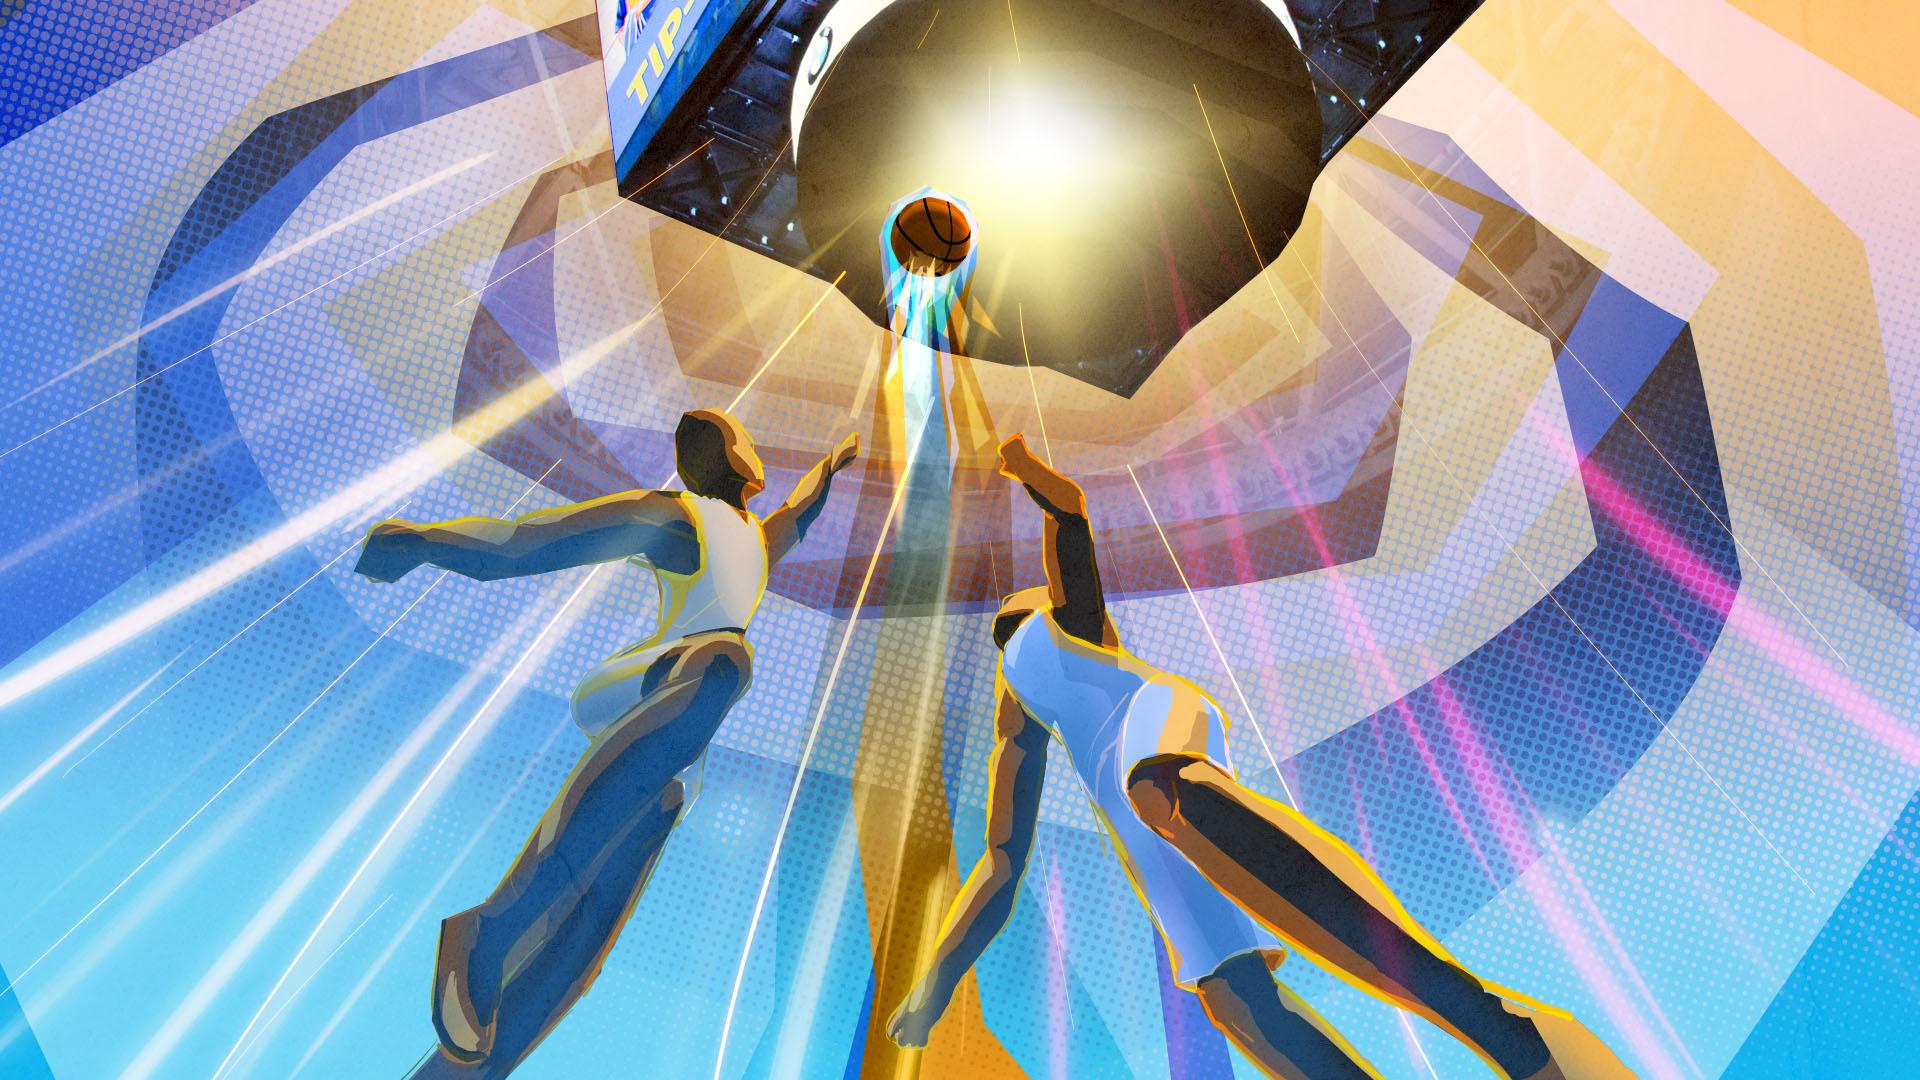 Golden State Warriors Concept Art